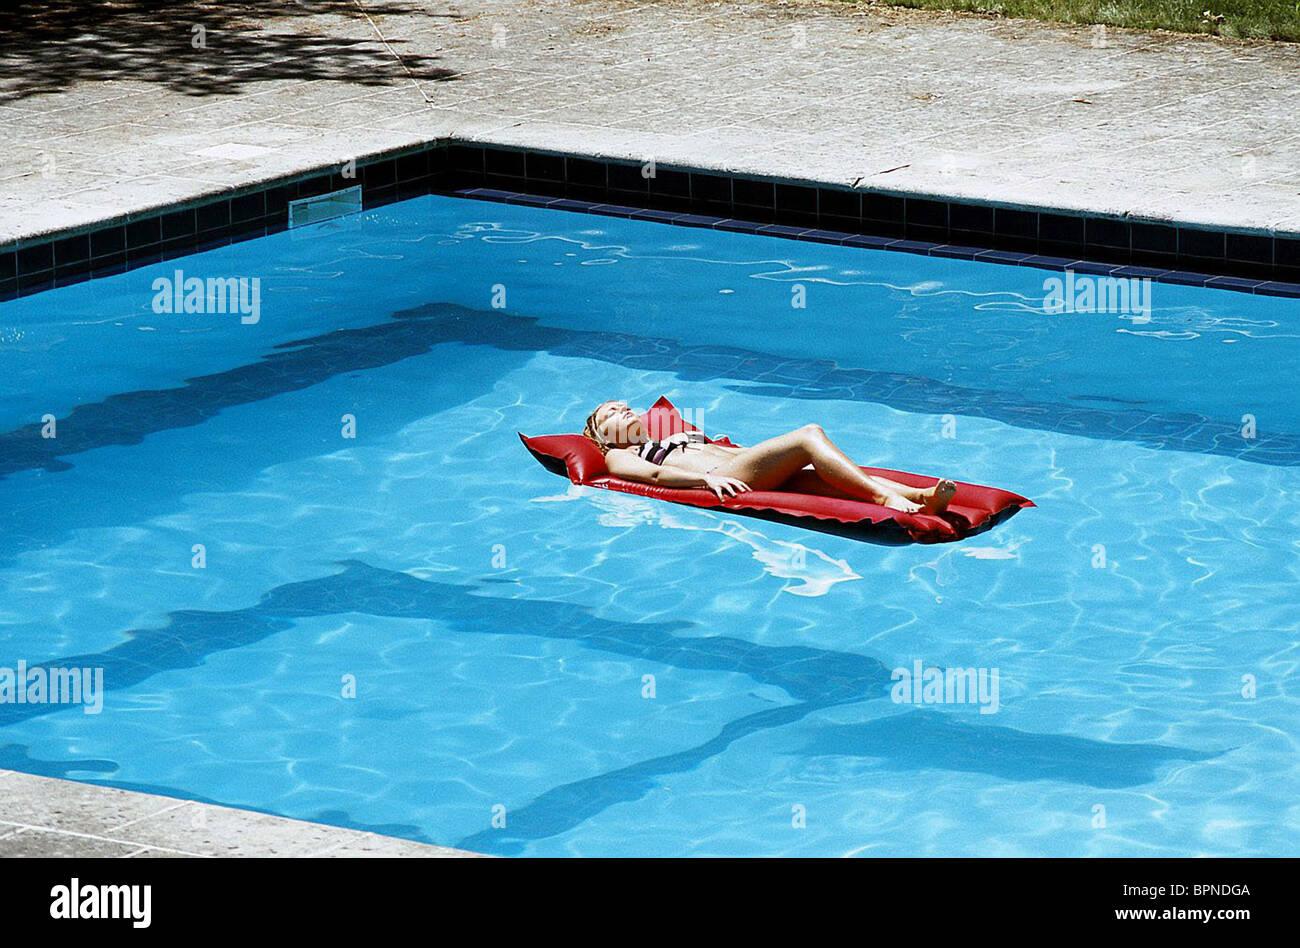 Films movies sunbathing pool stock photos films movies sunbathing pool stock images alamy for Swimming pool 2003 movie online